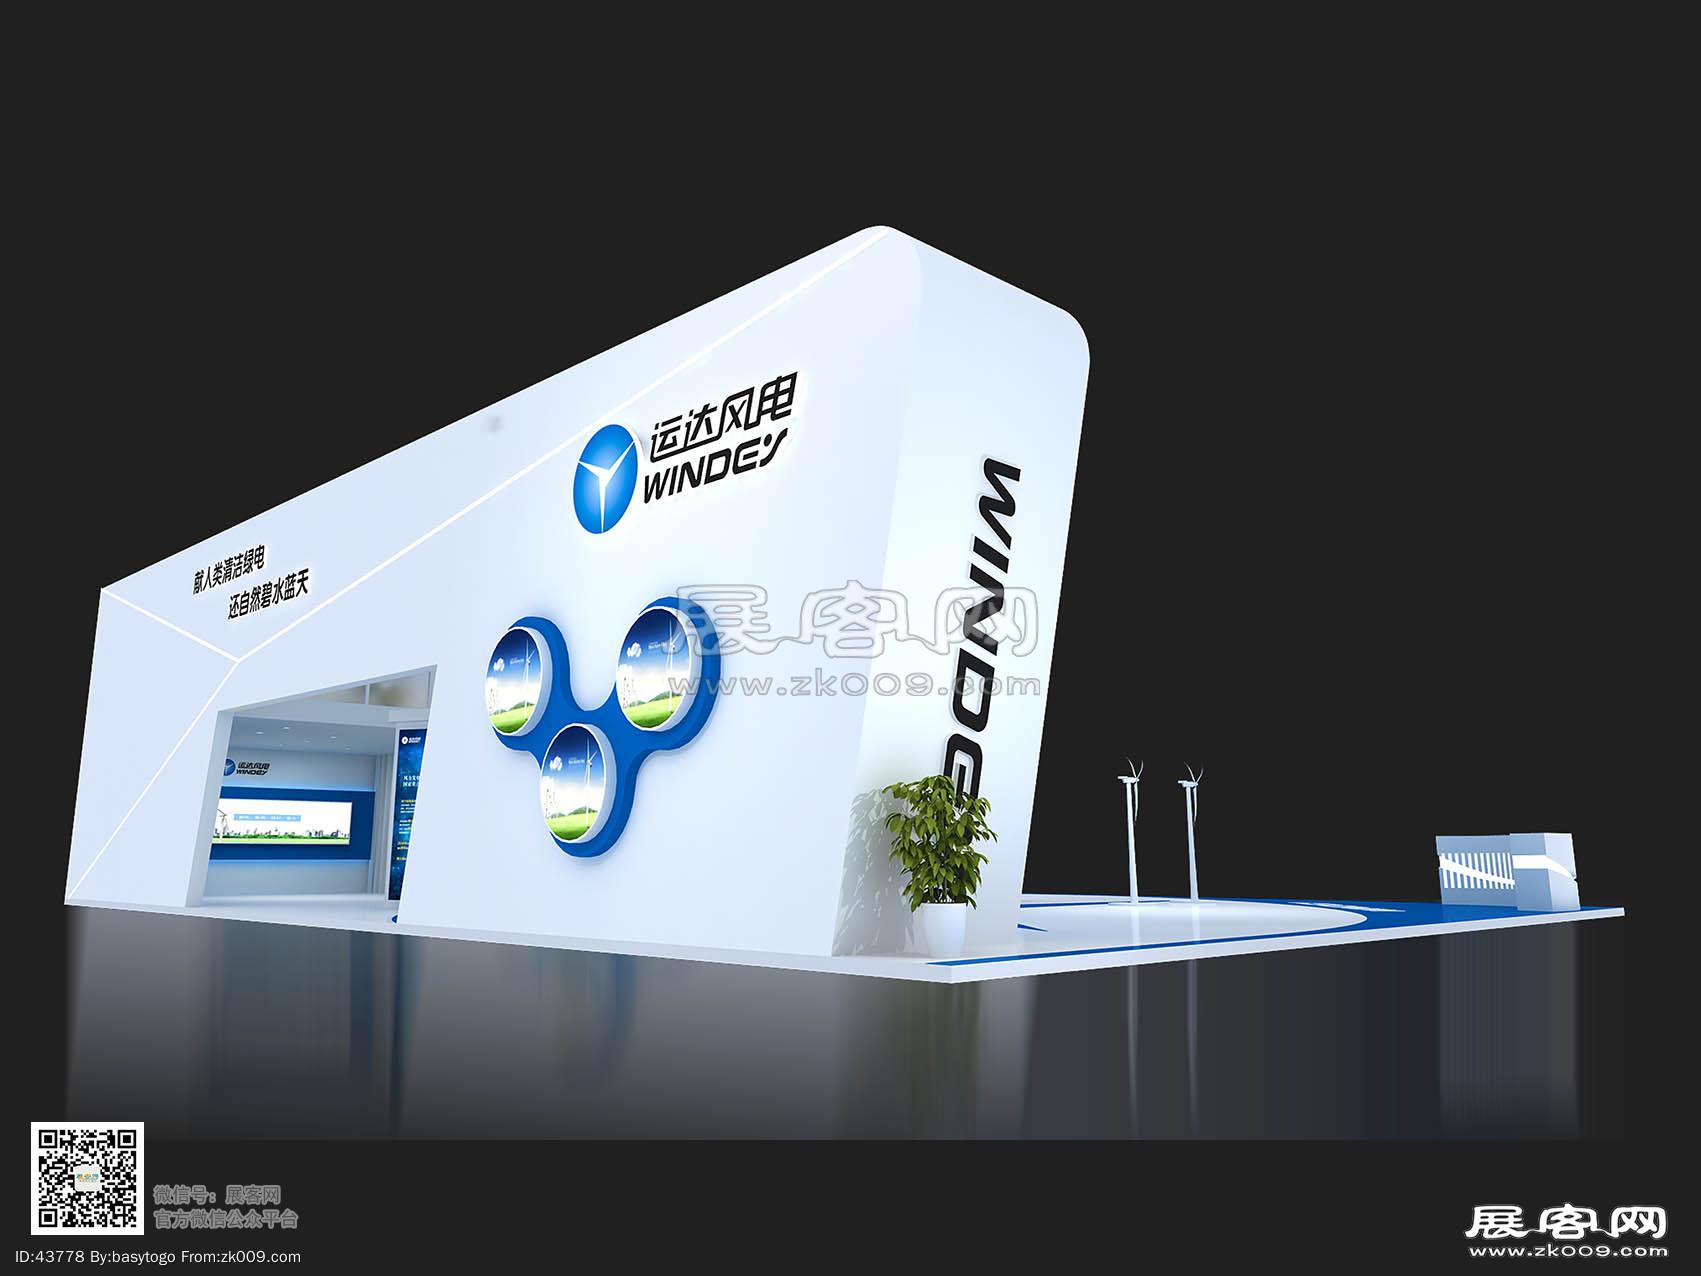 运达风电展览模型